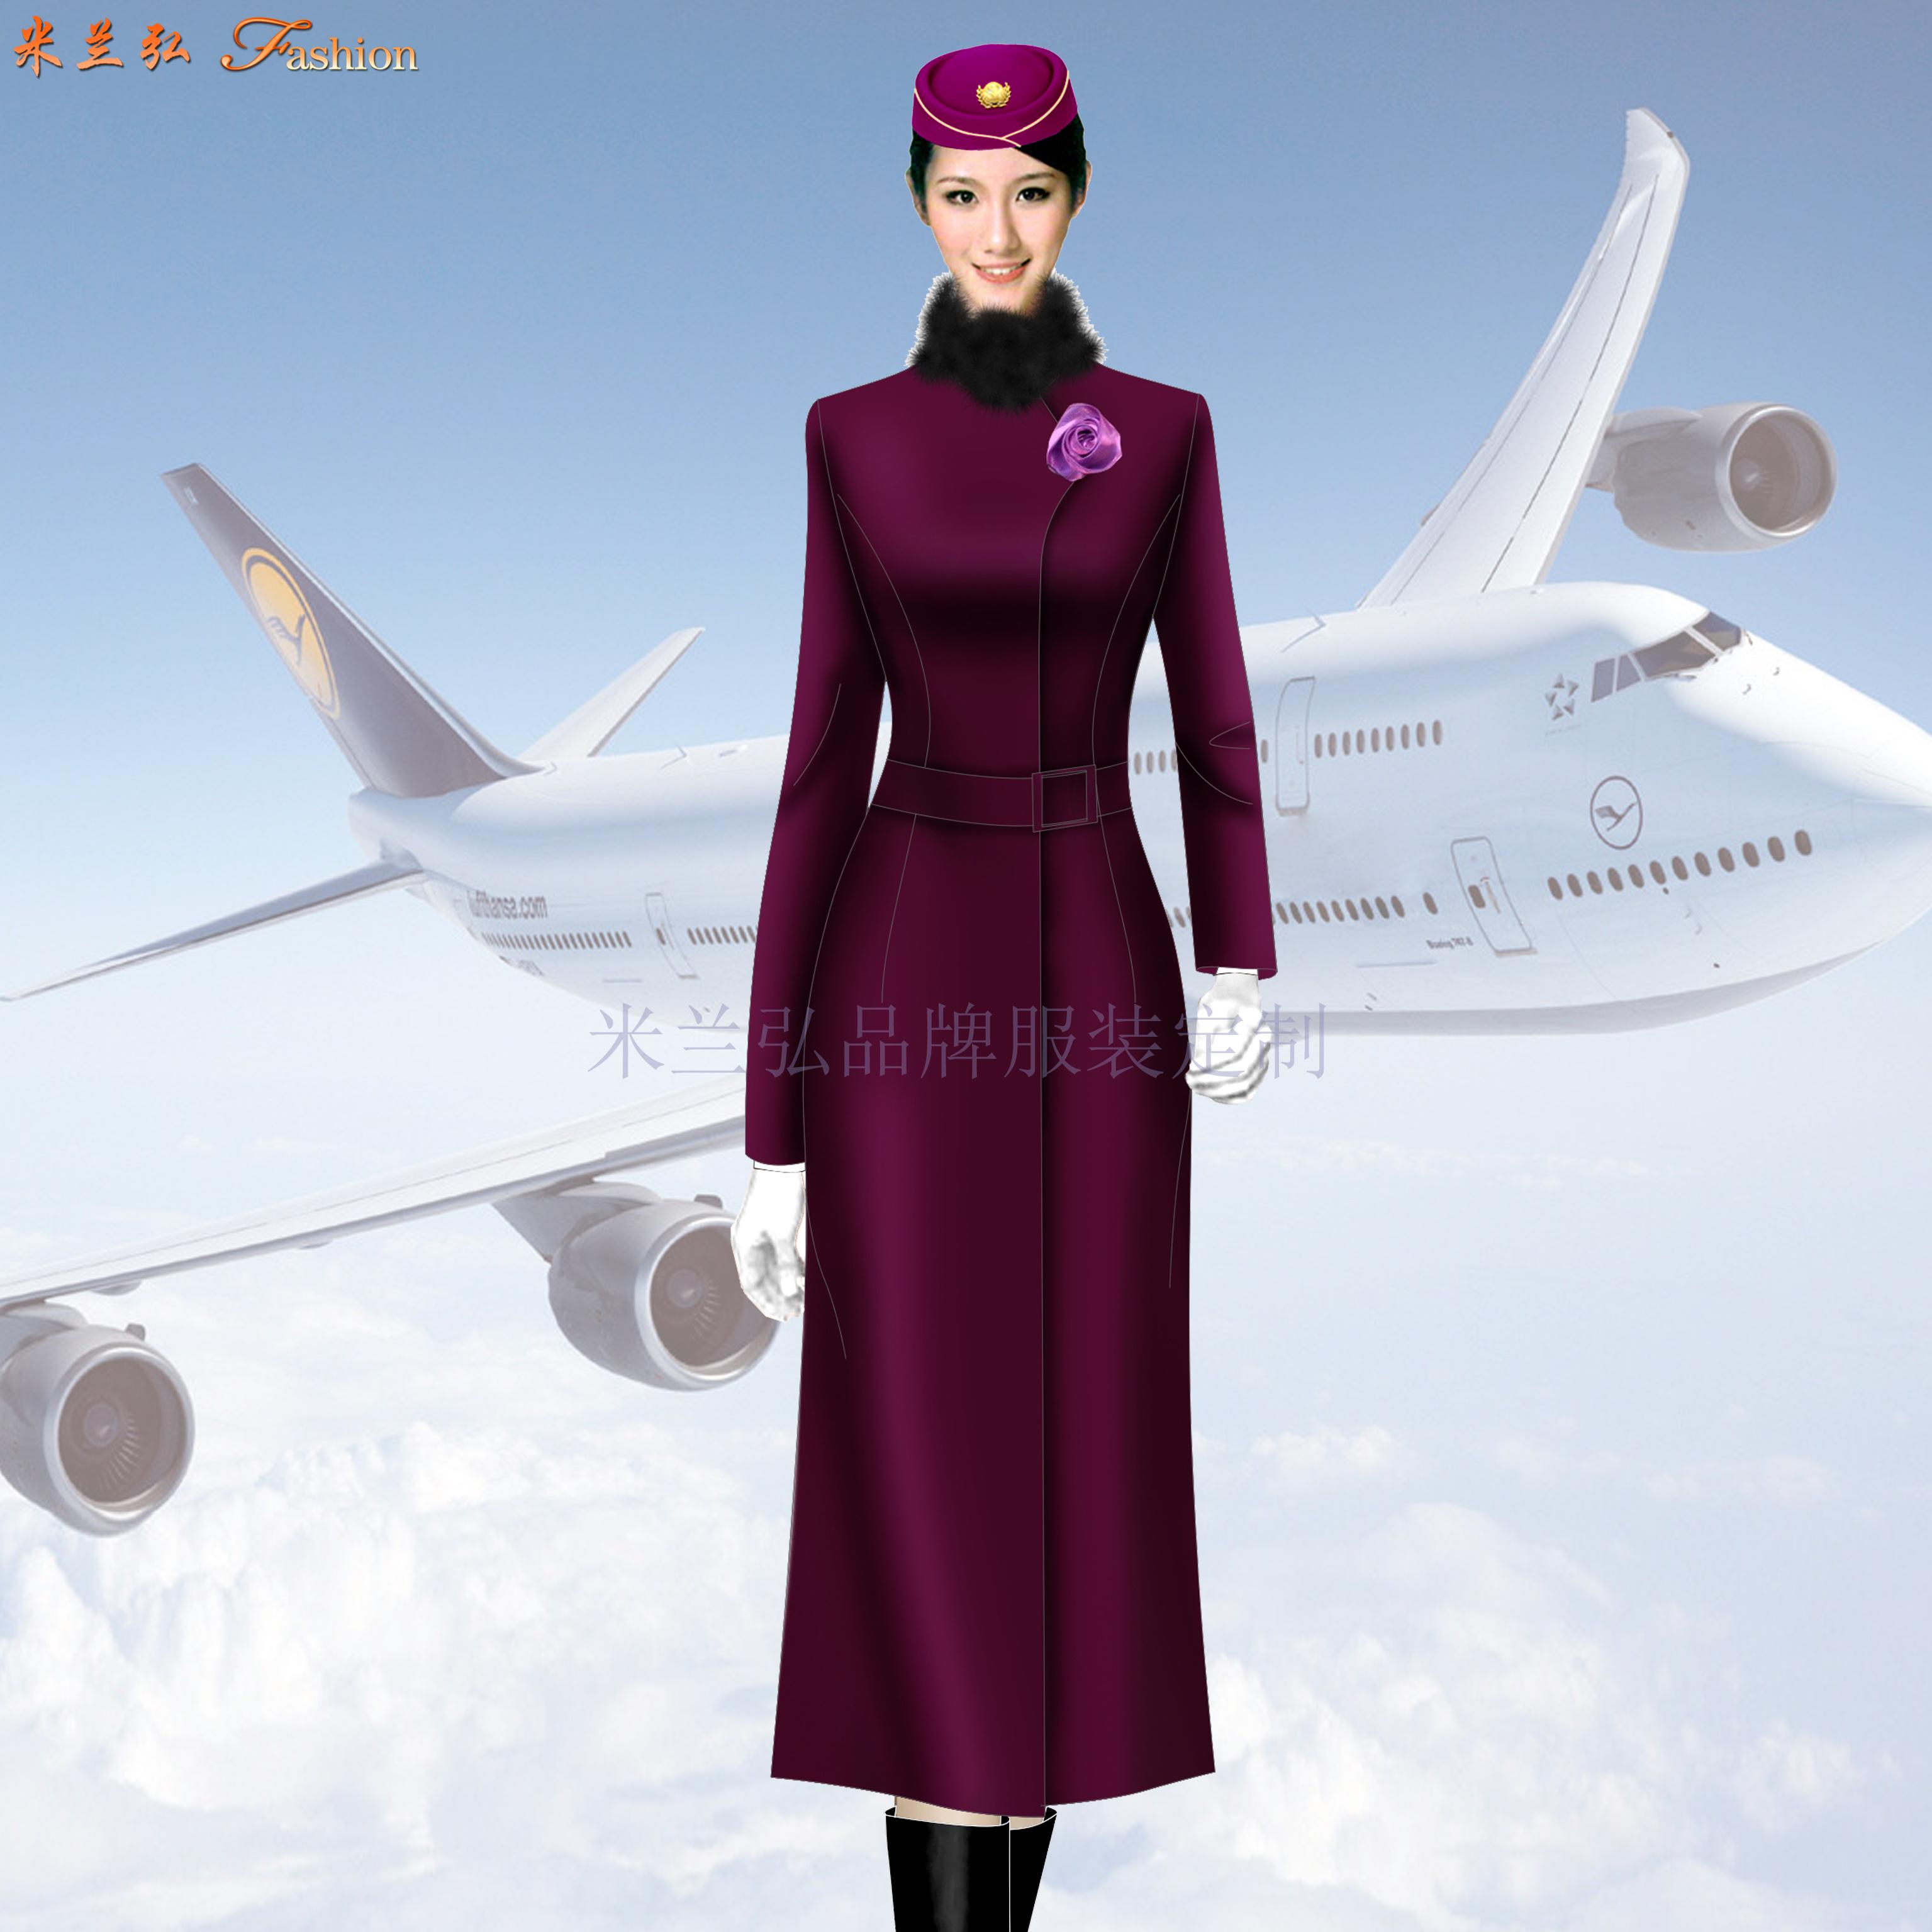 「航空大衣」量身定制各大航空公司的冬季大衣-米蘭弘服裝-3